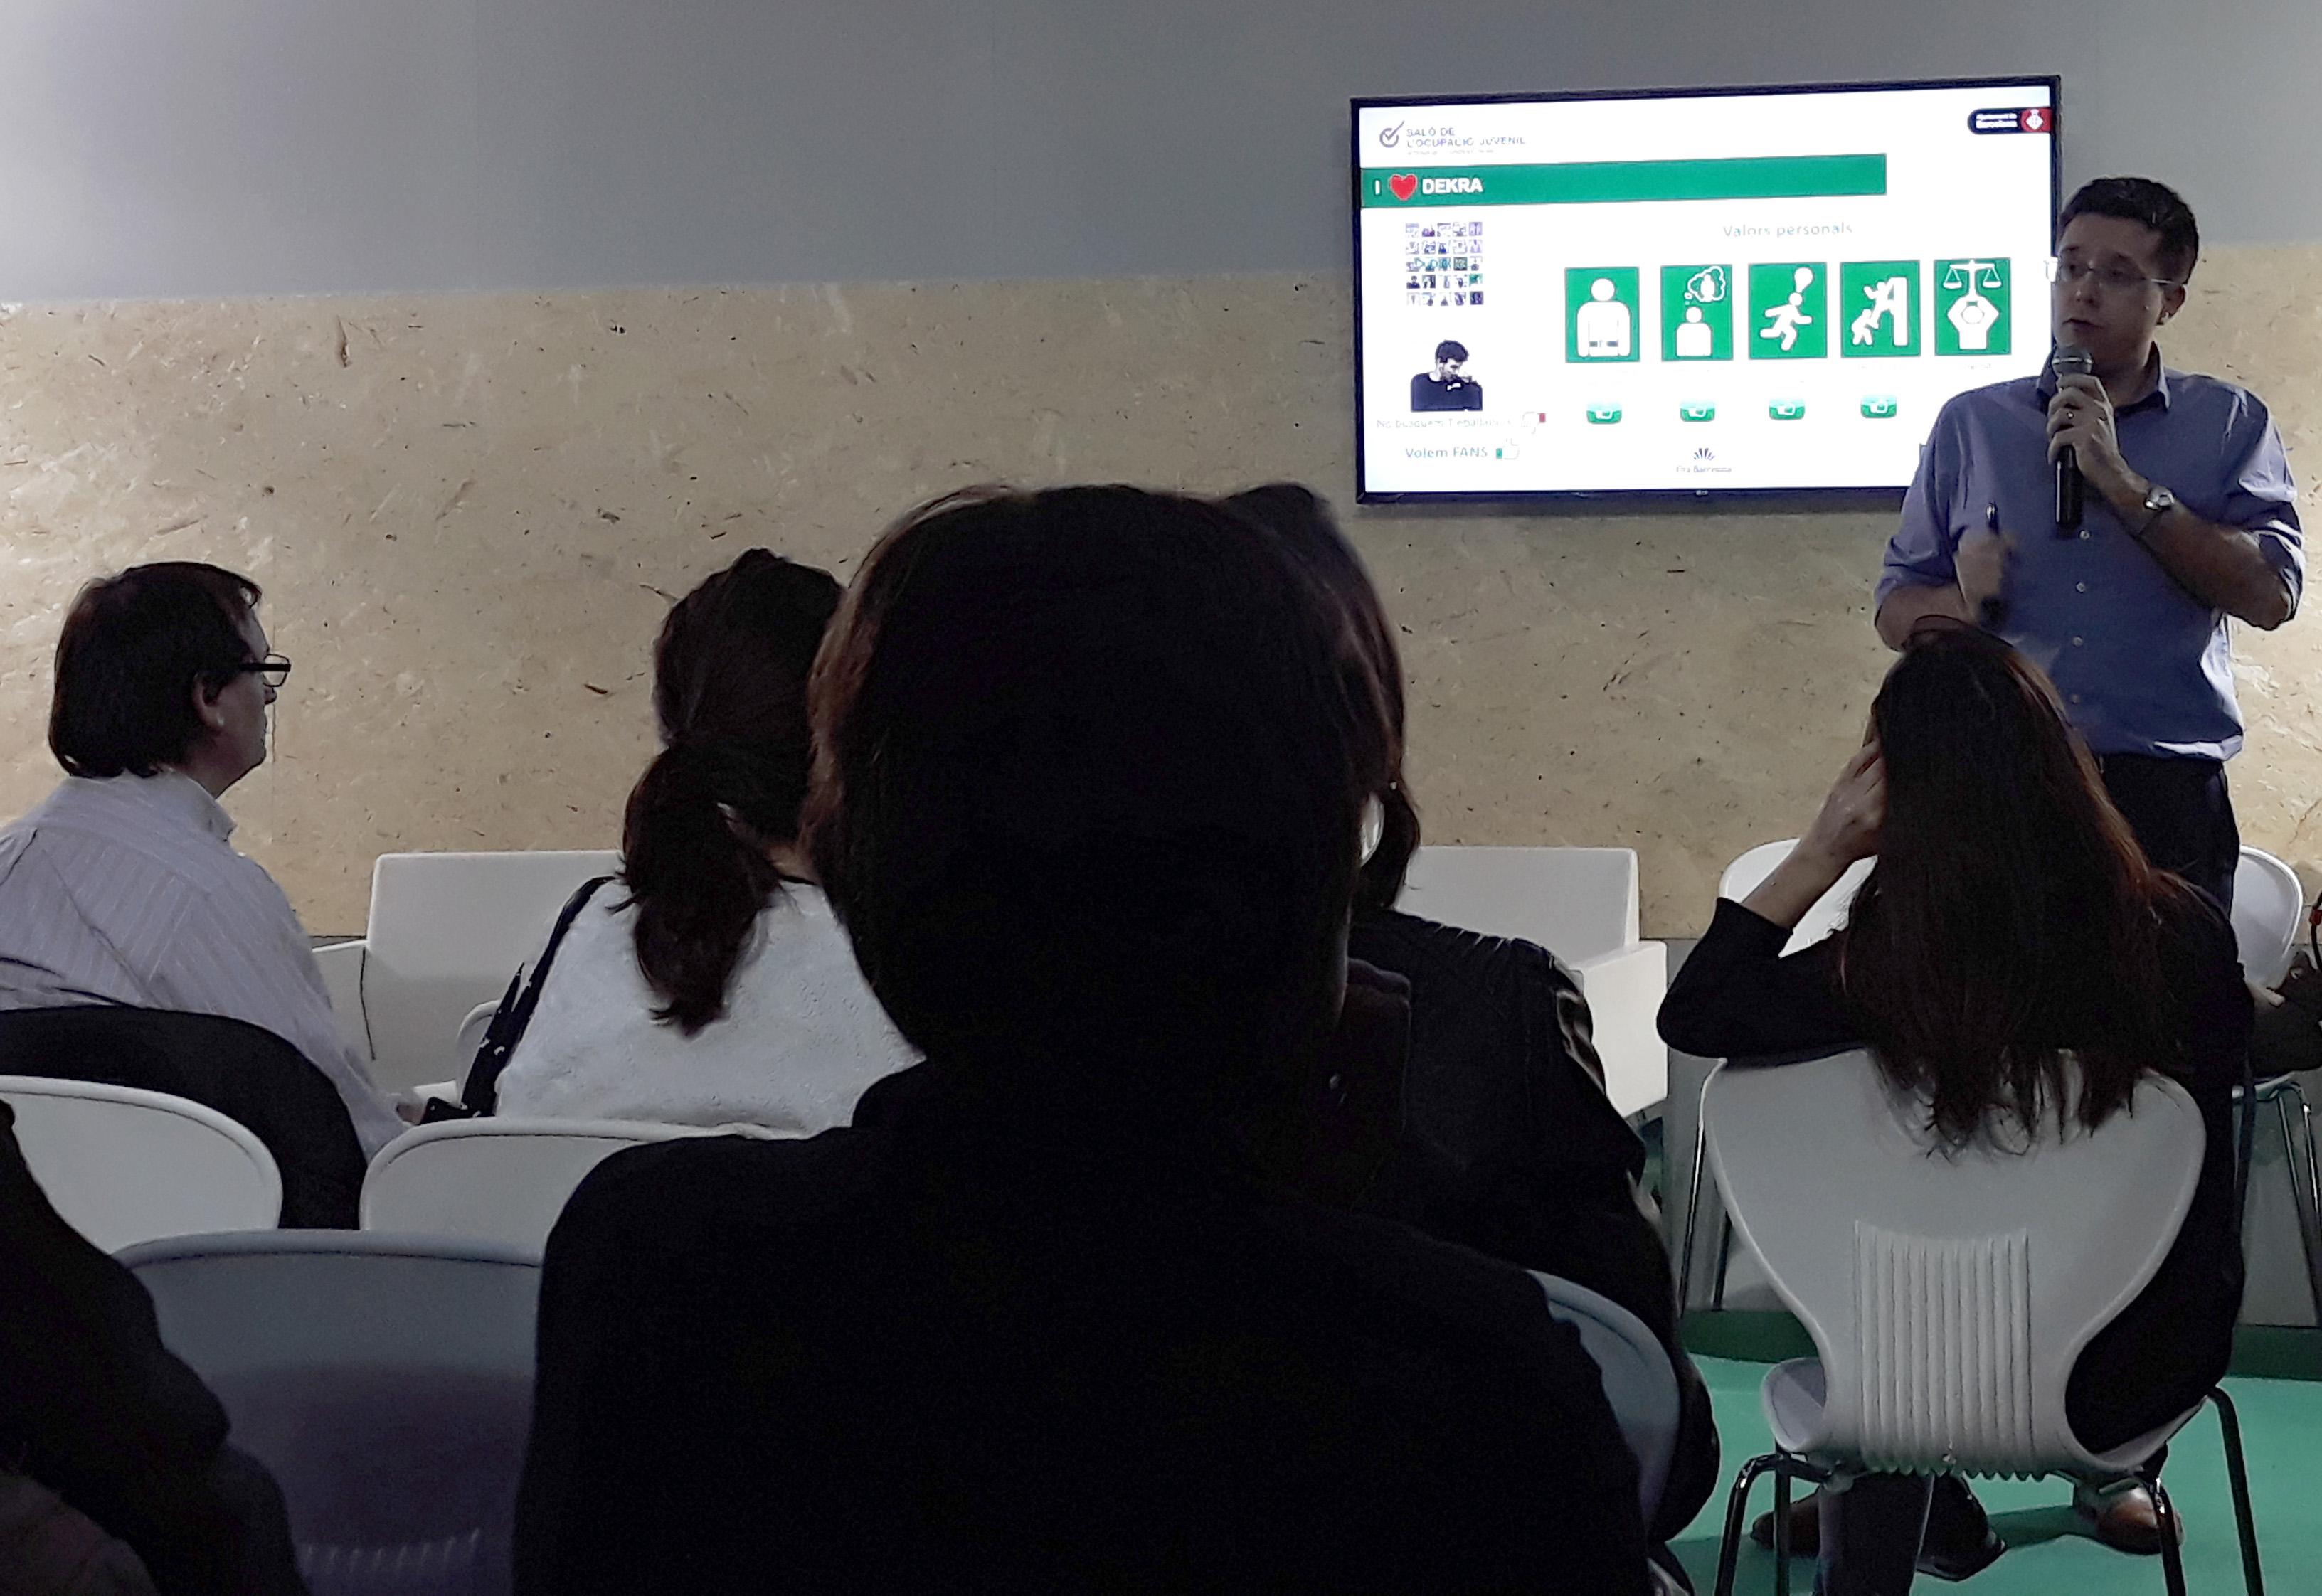 """JOSEP DALFÓ Y ÀNGELS MIRÓ, DIRECTORES DE DEKRA, PARTICIPARON EN EL TRACK SECTORIAL DE LAS SMART CITY DEL """"PRIMER SALÓ DE L'OCUPACIÓ JUVENIL"""" ORGANIZADO POR BCN ACTIVA"""